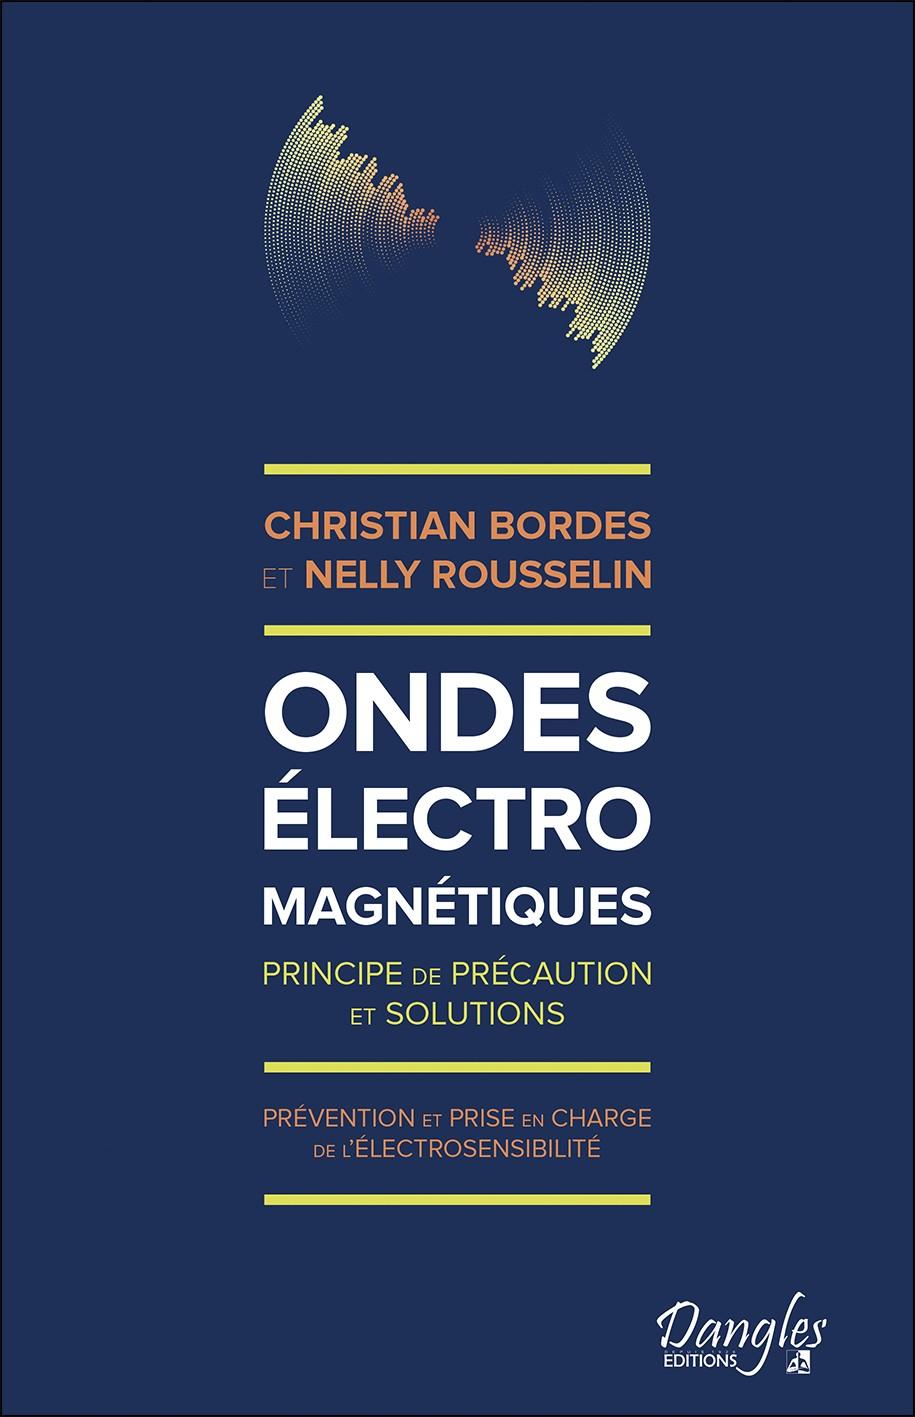 Ondes electromagnétiques par Christian Bordes et Nelly Rousselin